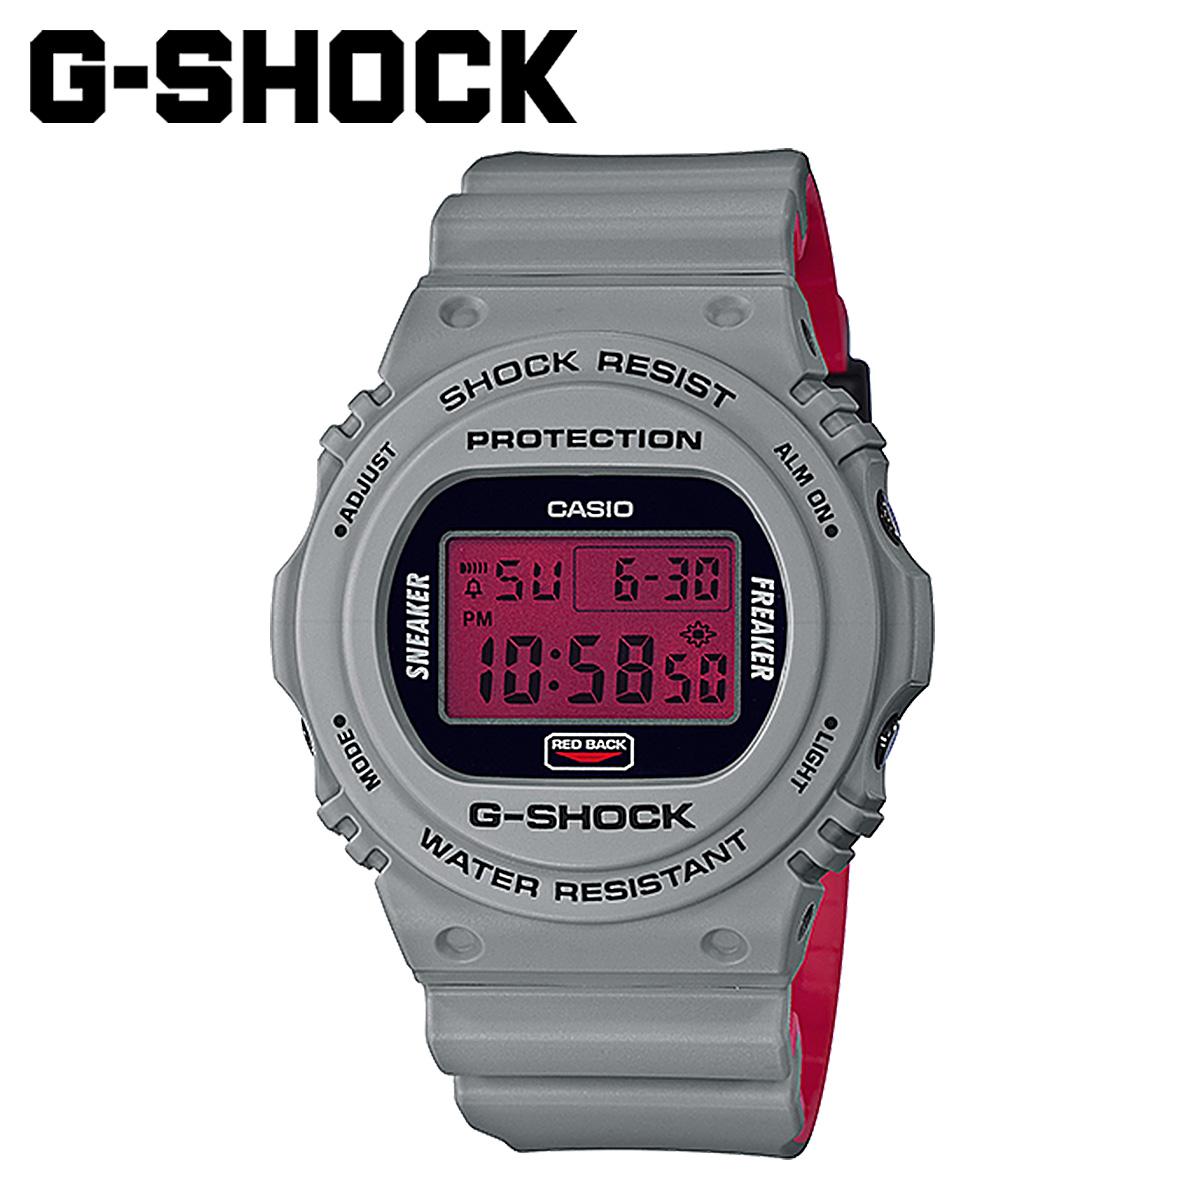 【最大2000円OFFクーポン】 カシオ CASIO G-SHOCK 腕時計 DW-5700SF-1JR SNEAKER FREAKER STANCE コラボ グレー メンズ レディース